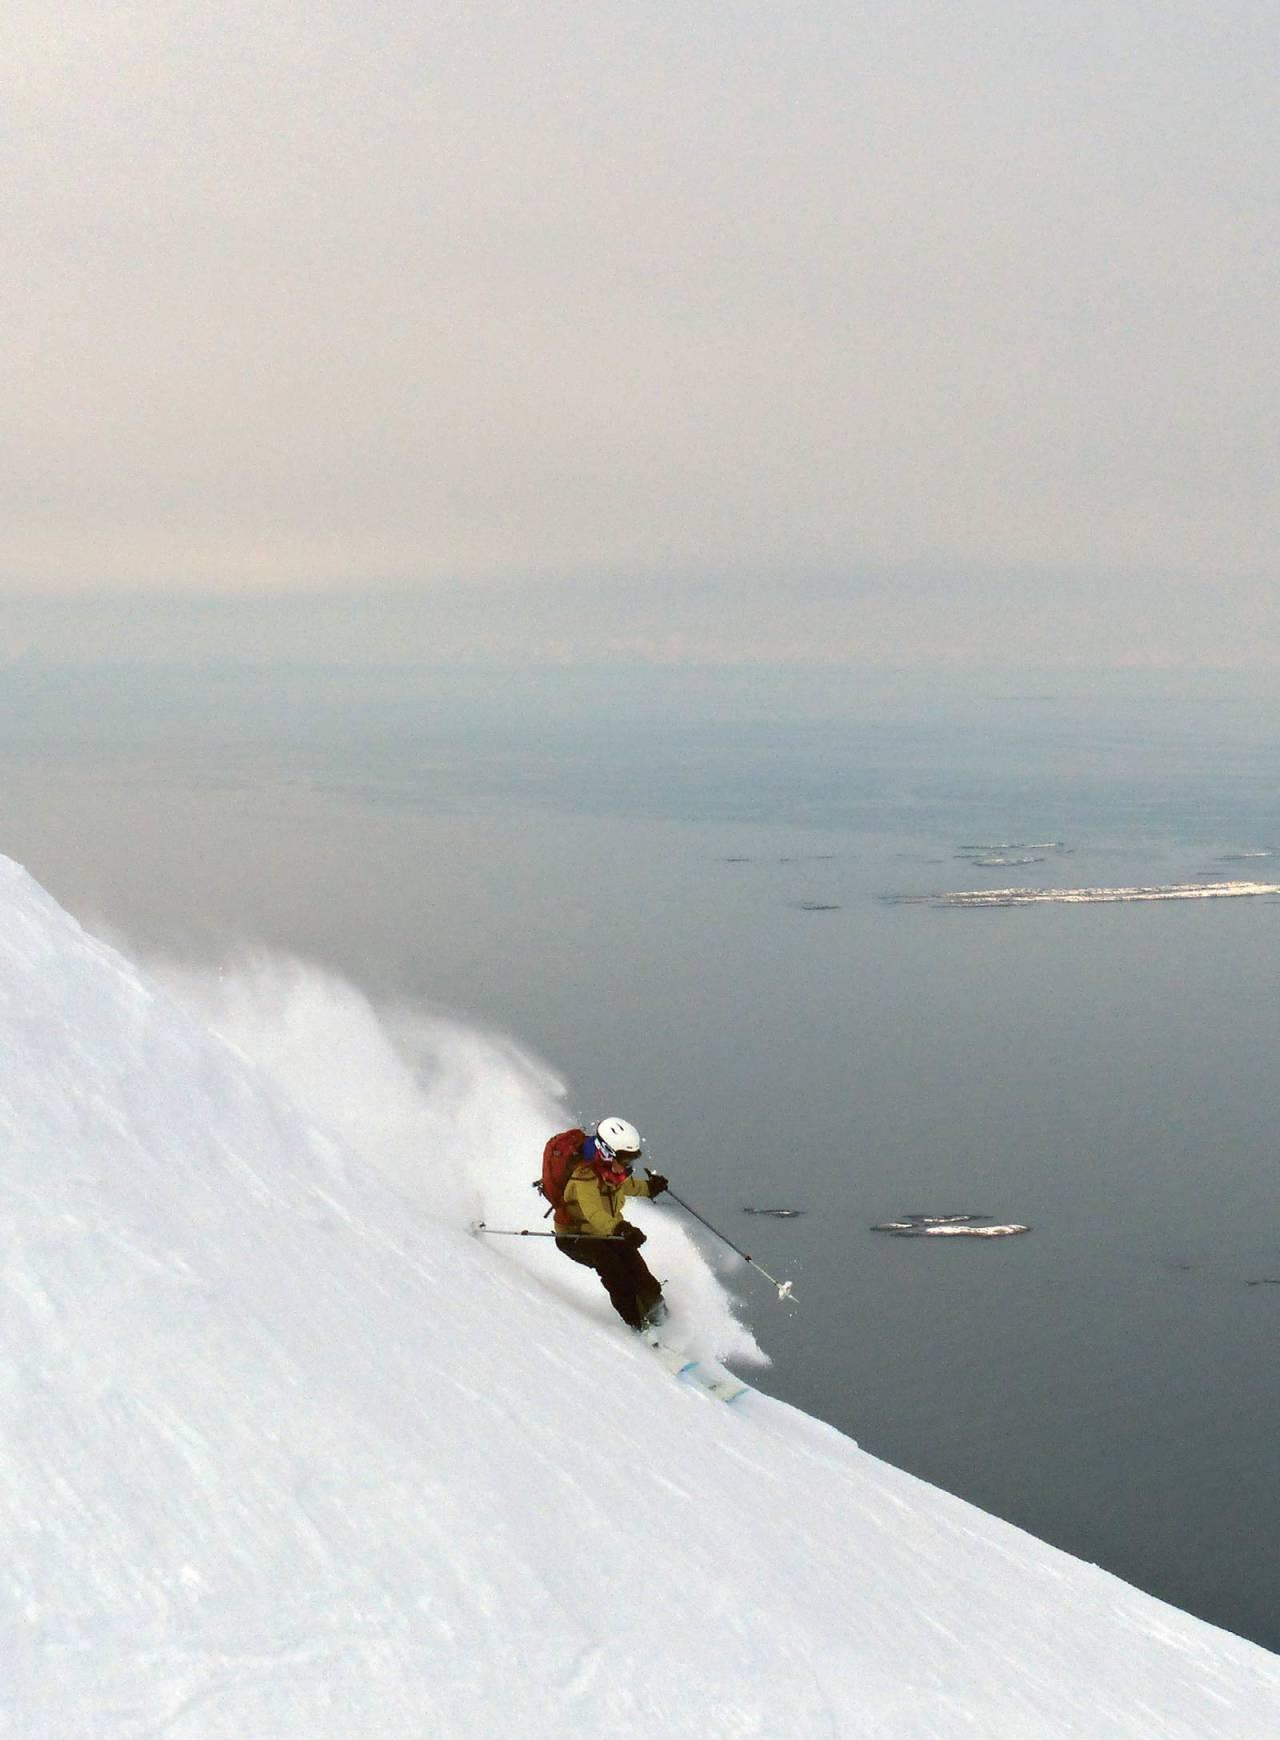 Helene Brustad-Nilsen setter utfor nordøst siden på Skjeggen. Vestfjorden og Lofotveggen i bakgrunnen. Foto: Torgeir Kjus